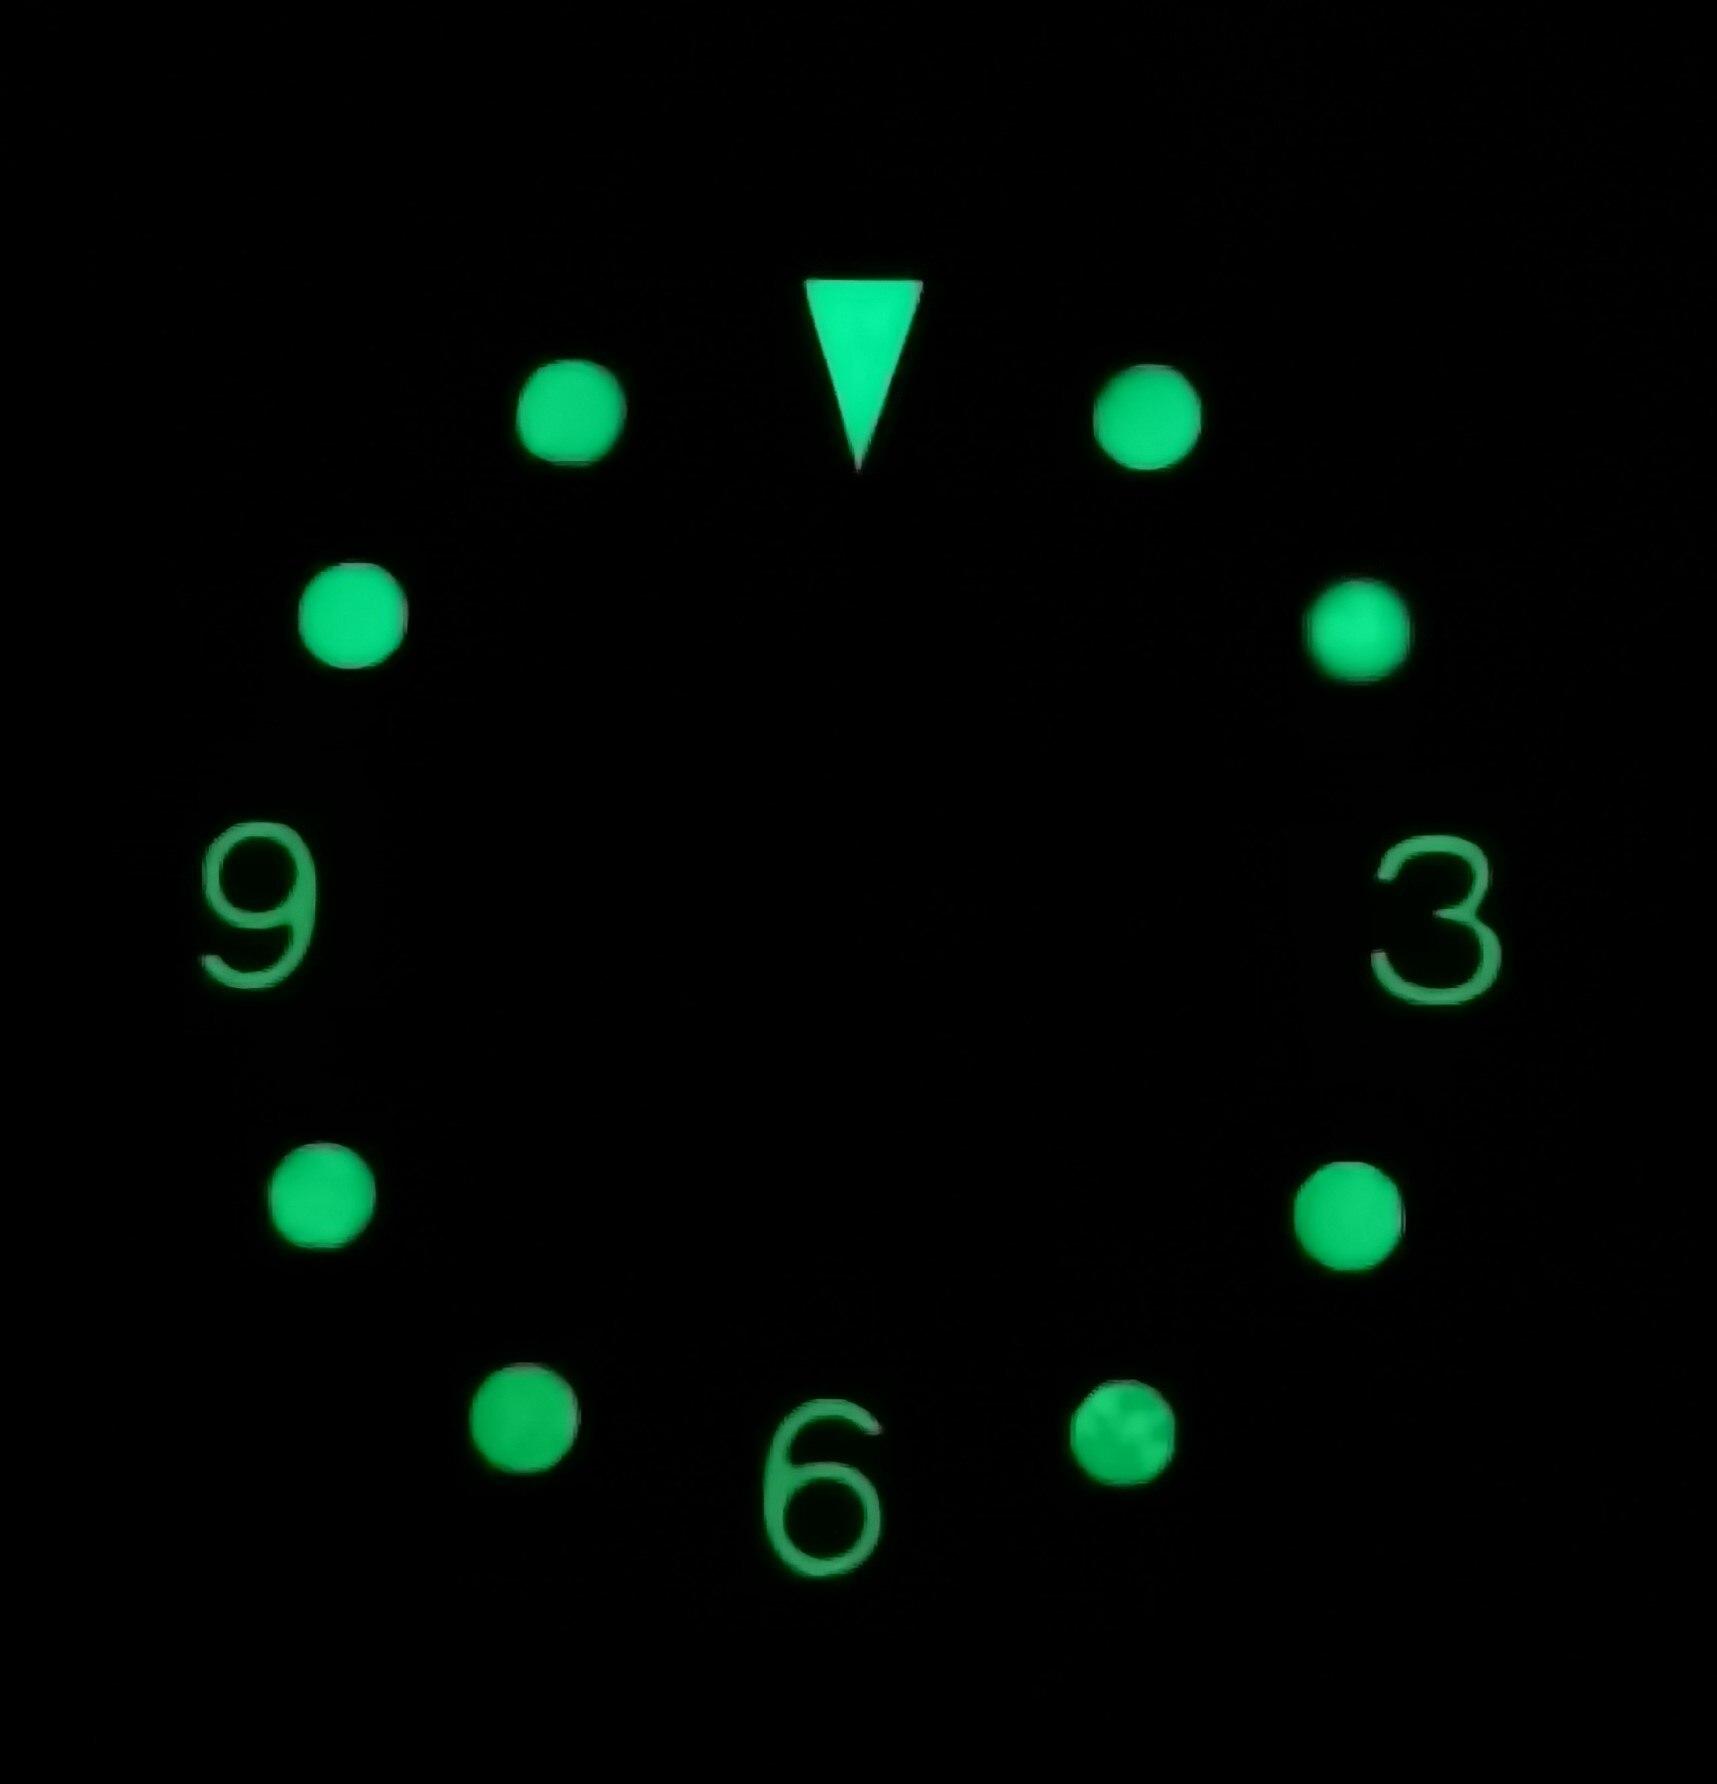 Ponteiros do relógio